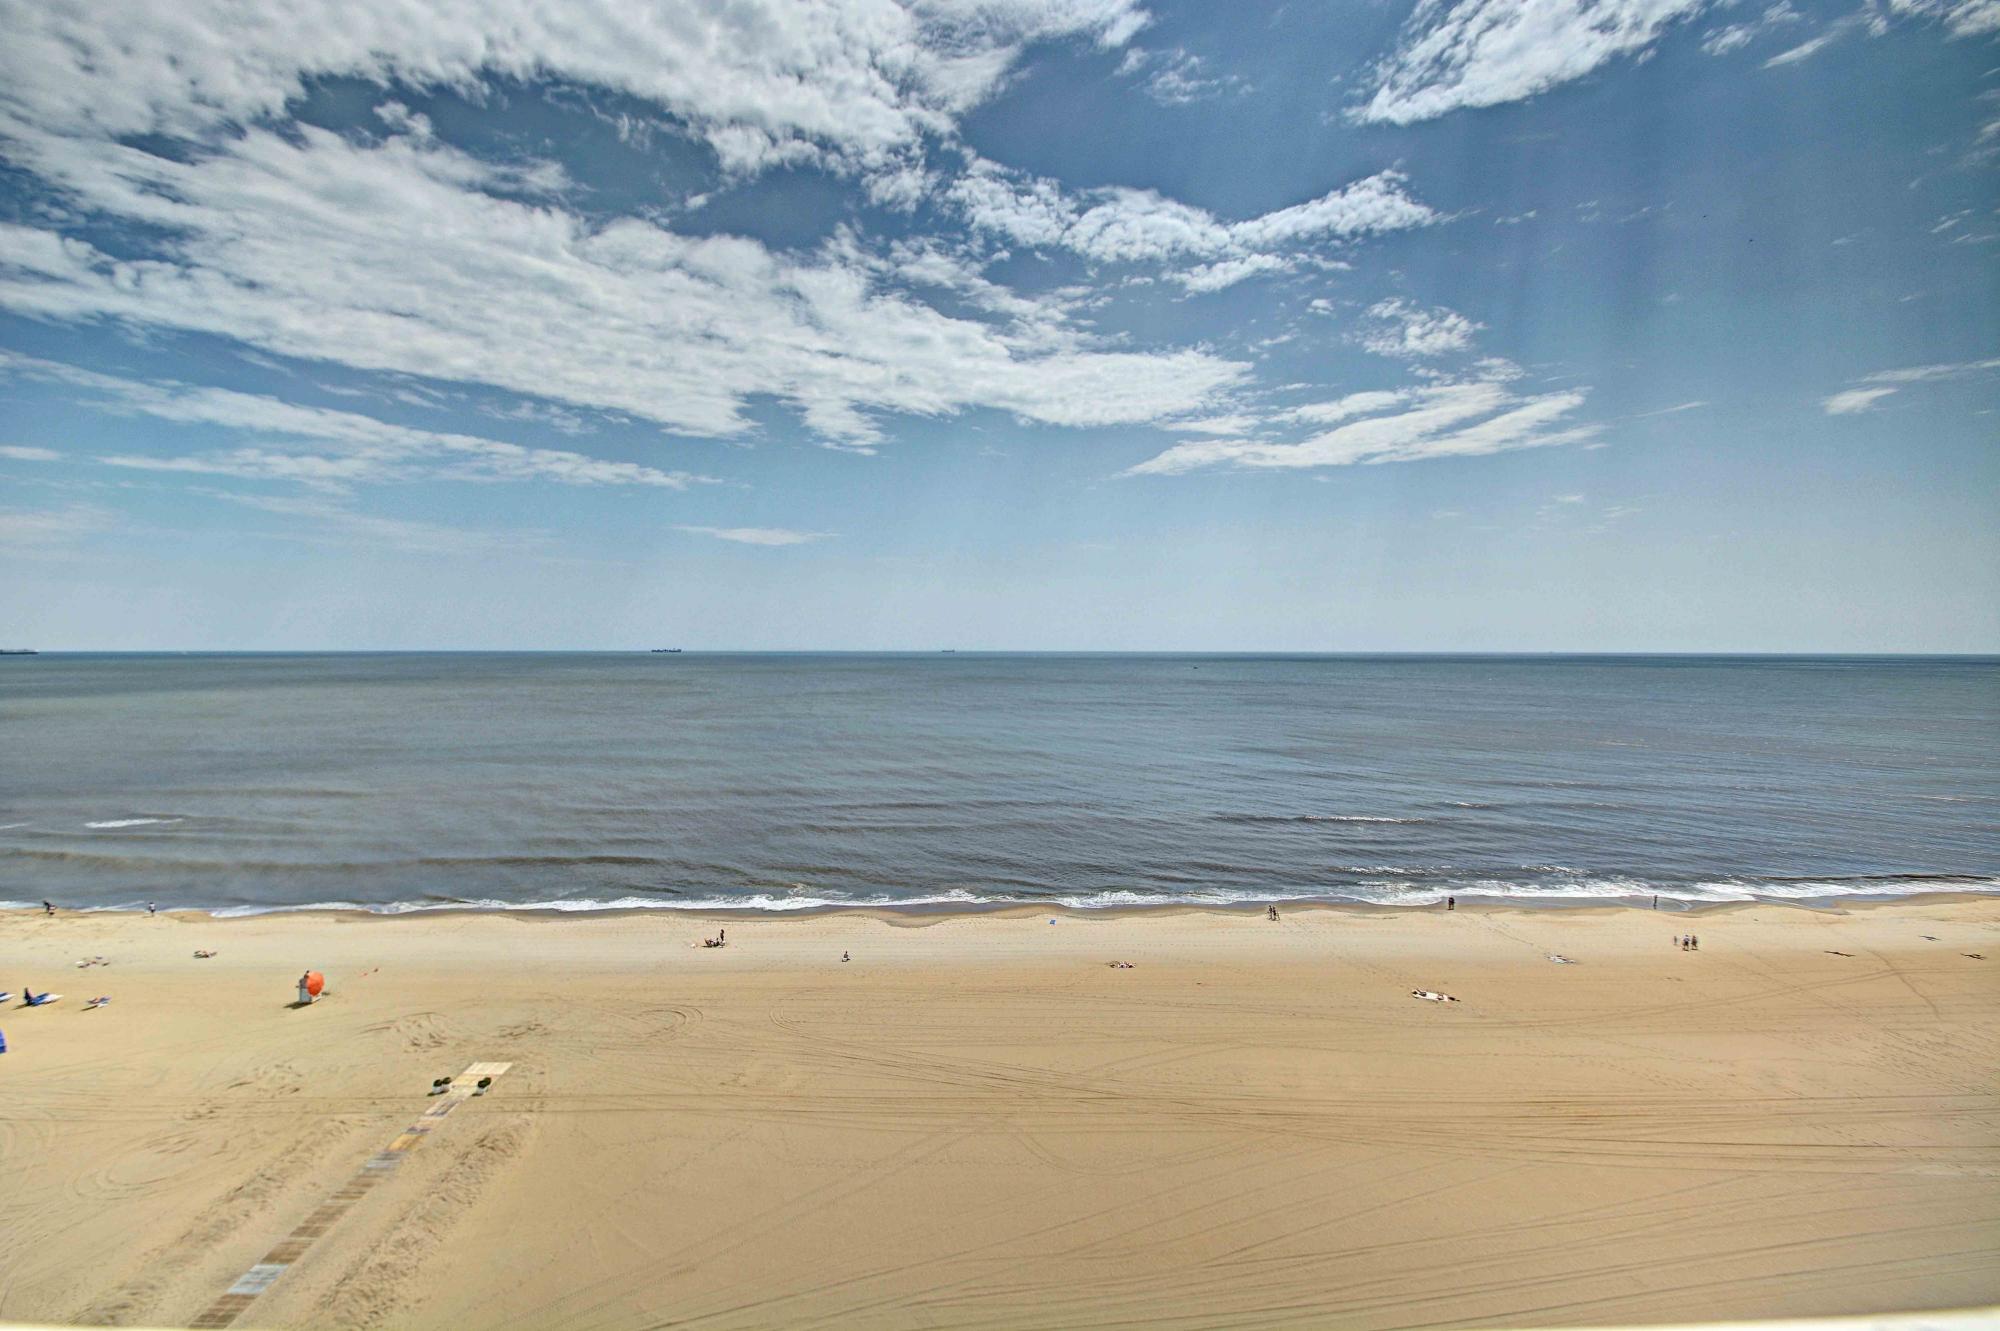 fort Suites Beachfront Virginia Beach VA Hotel Review